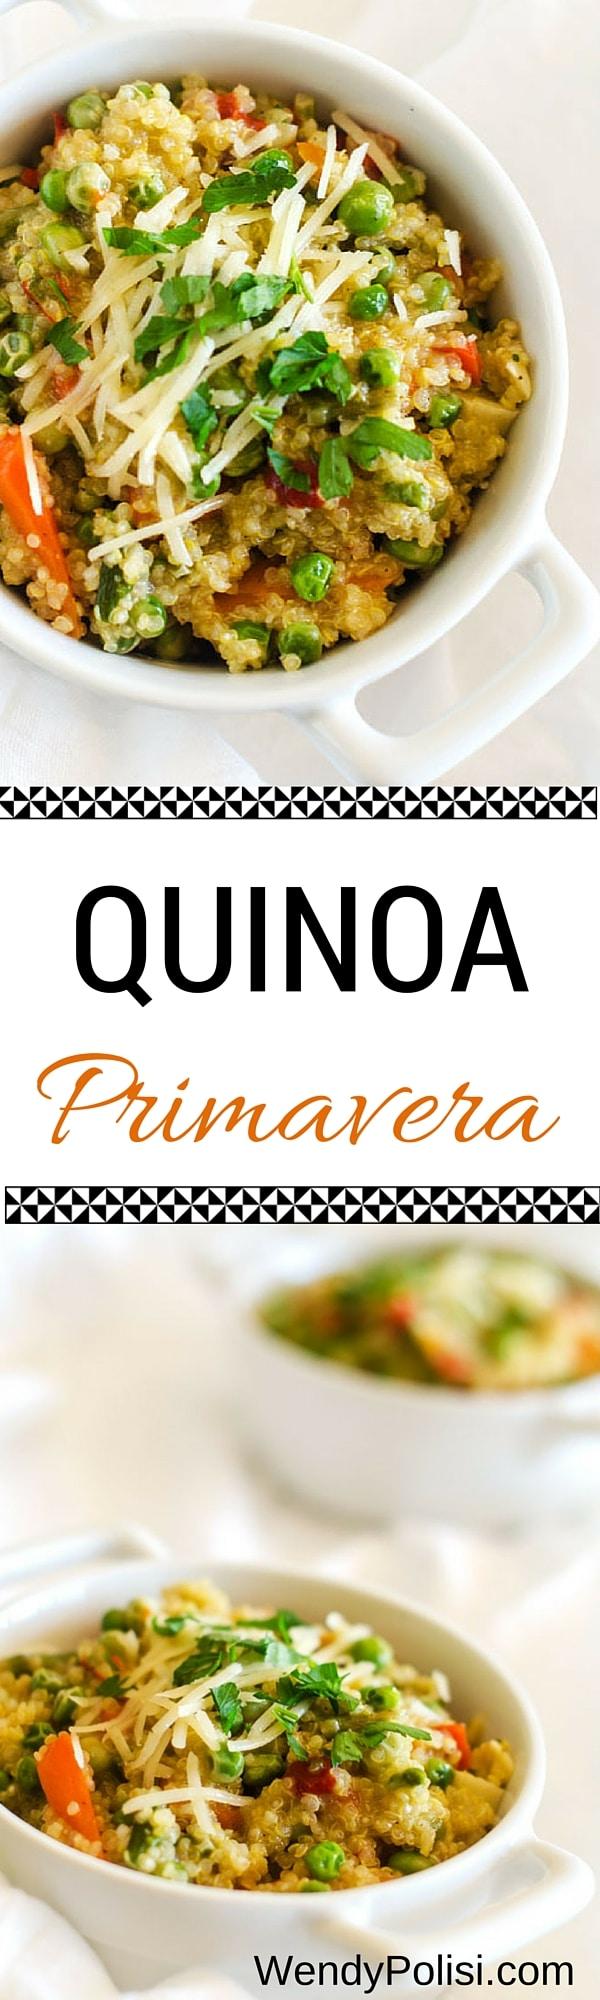 Quinoa Primavera